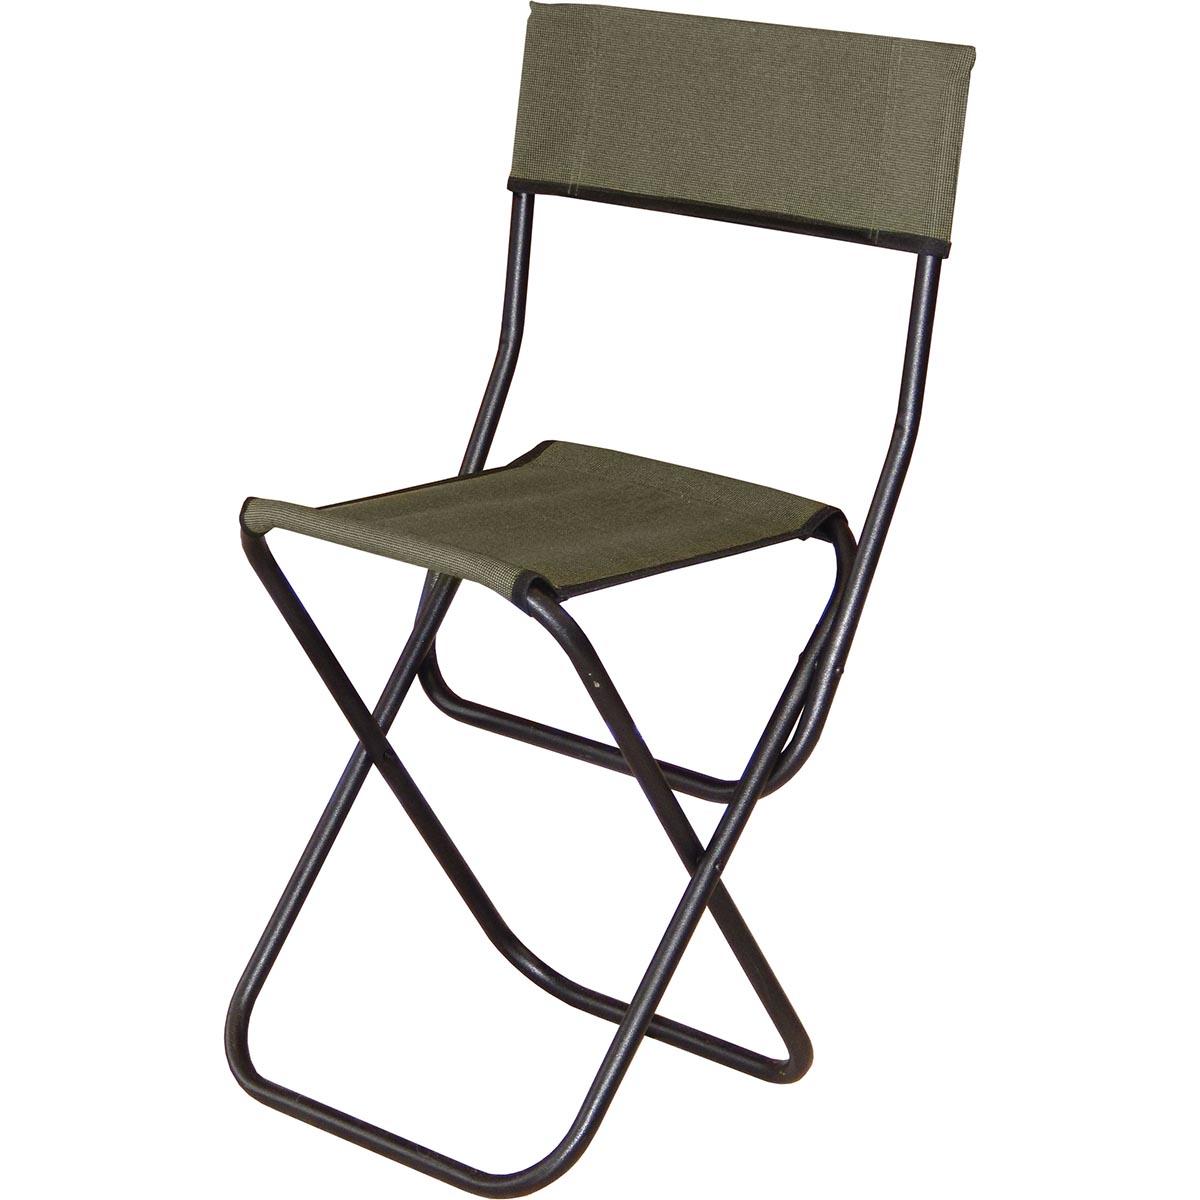 Стул складной Greenell FC-15 R16, цвет: хаки95857-502-00Складной стул Greenell FC-15 R16 прекрасно подходит для кемпингового отдыха на природе и для любителей путешествий. Стул весит немного, это возможно из-за композитного каркаса, ткань же сделана из полиэстера, что не позволяет выгореть краске и снижает вес изделия. Не терпит постоянной сырости. Отличный, бюджетный вариант для периодических вылазок на природу или дачу.Характеристики:Материал: Polyester.Каркас: Сталь O,16 мм. Полимерное покрытие.Вес: 1,35 кг.Размеры: 33,5 х 29 х 42 см.Высота со спинкой: 67,5 см.,Максимальная нагрузка: 90 кг.